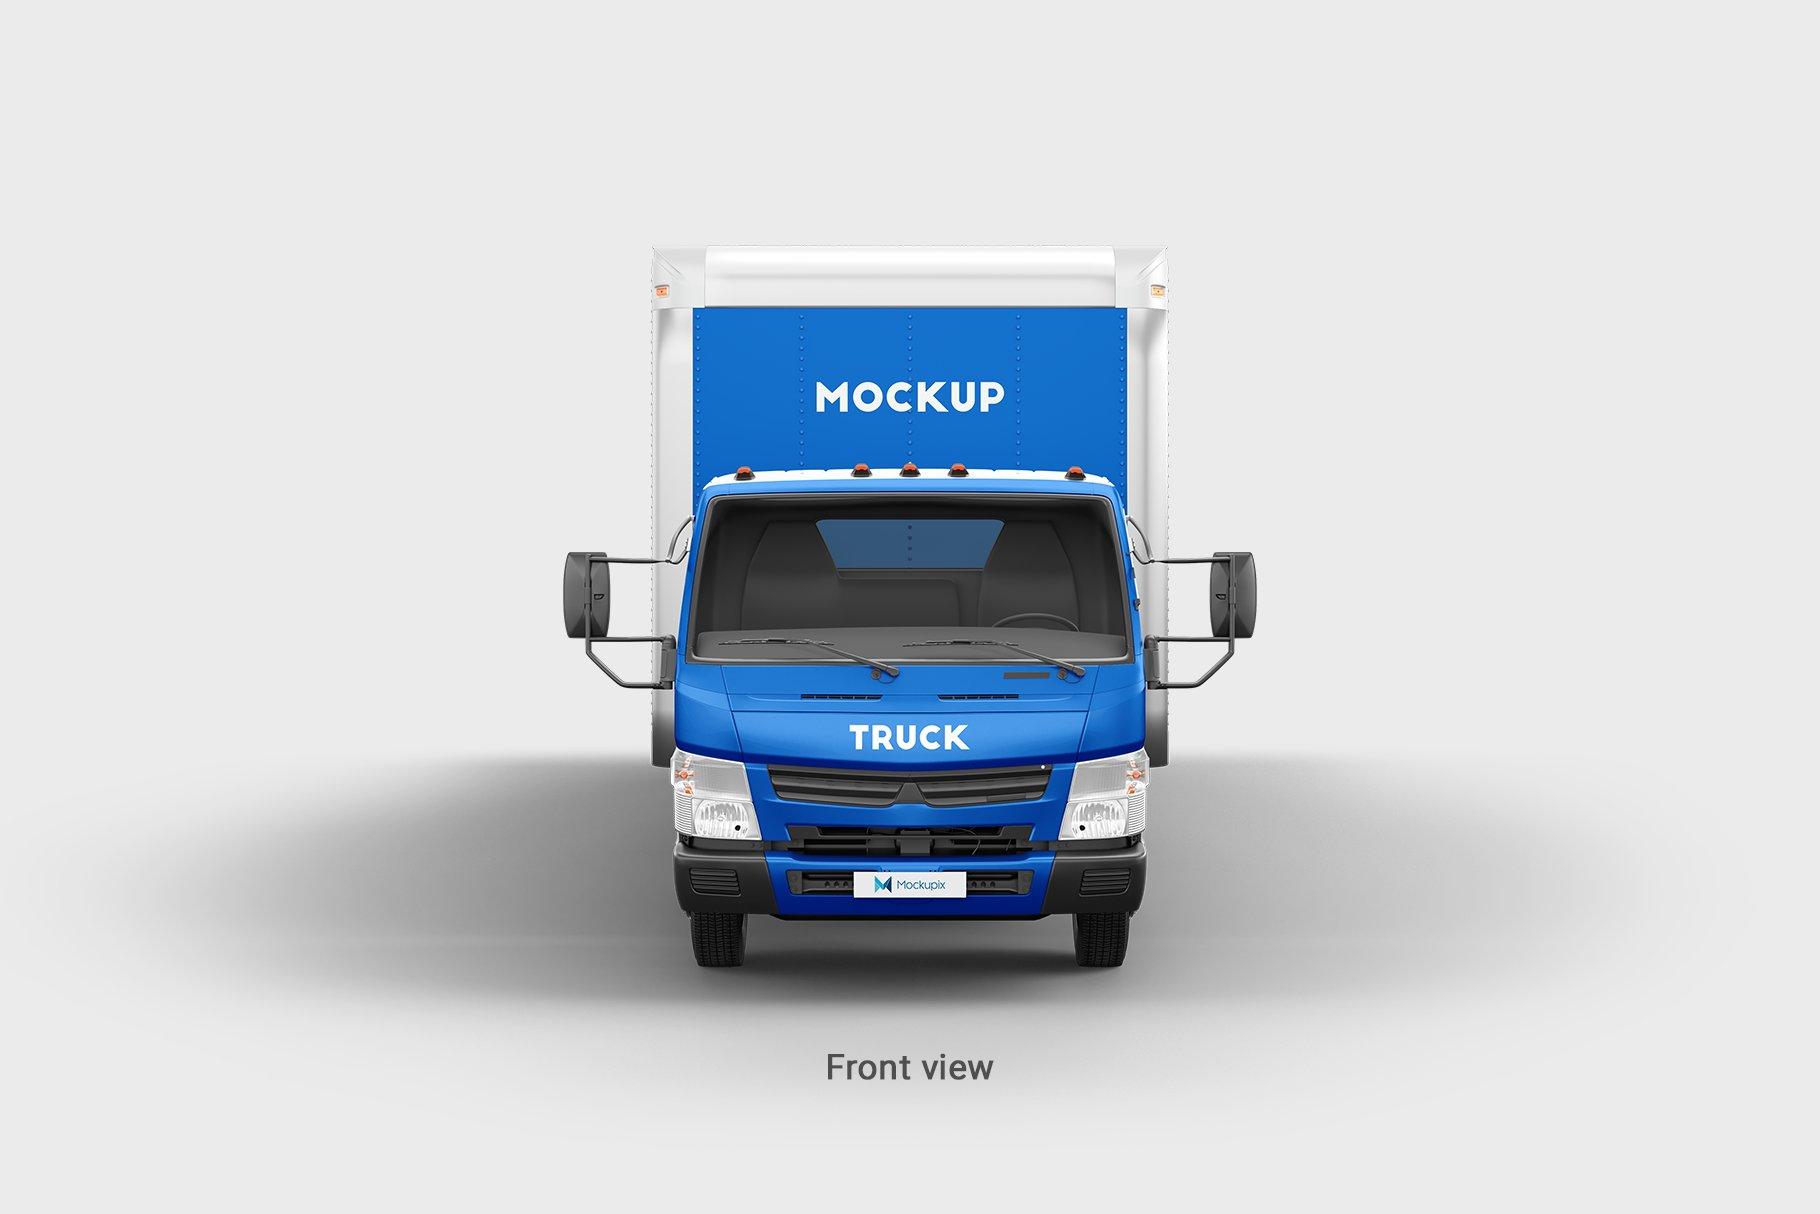 6款厢式货车卡车车身广告设计展示样机 Truck Mockup 4插图(5)